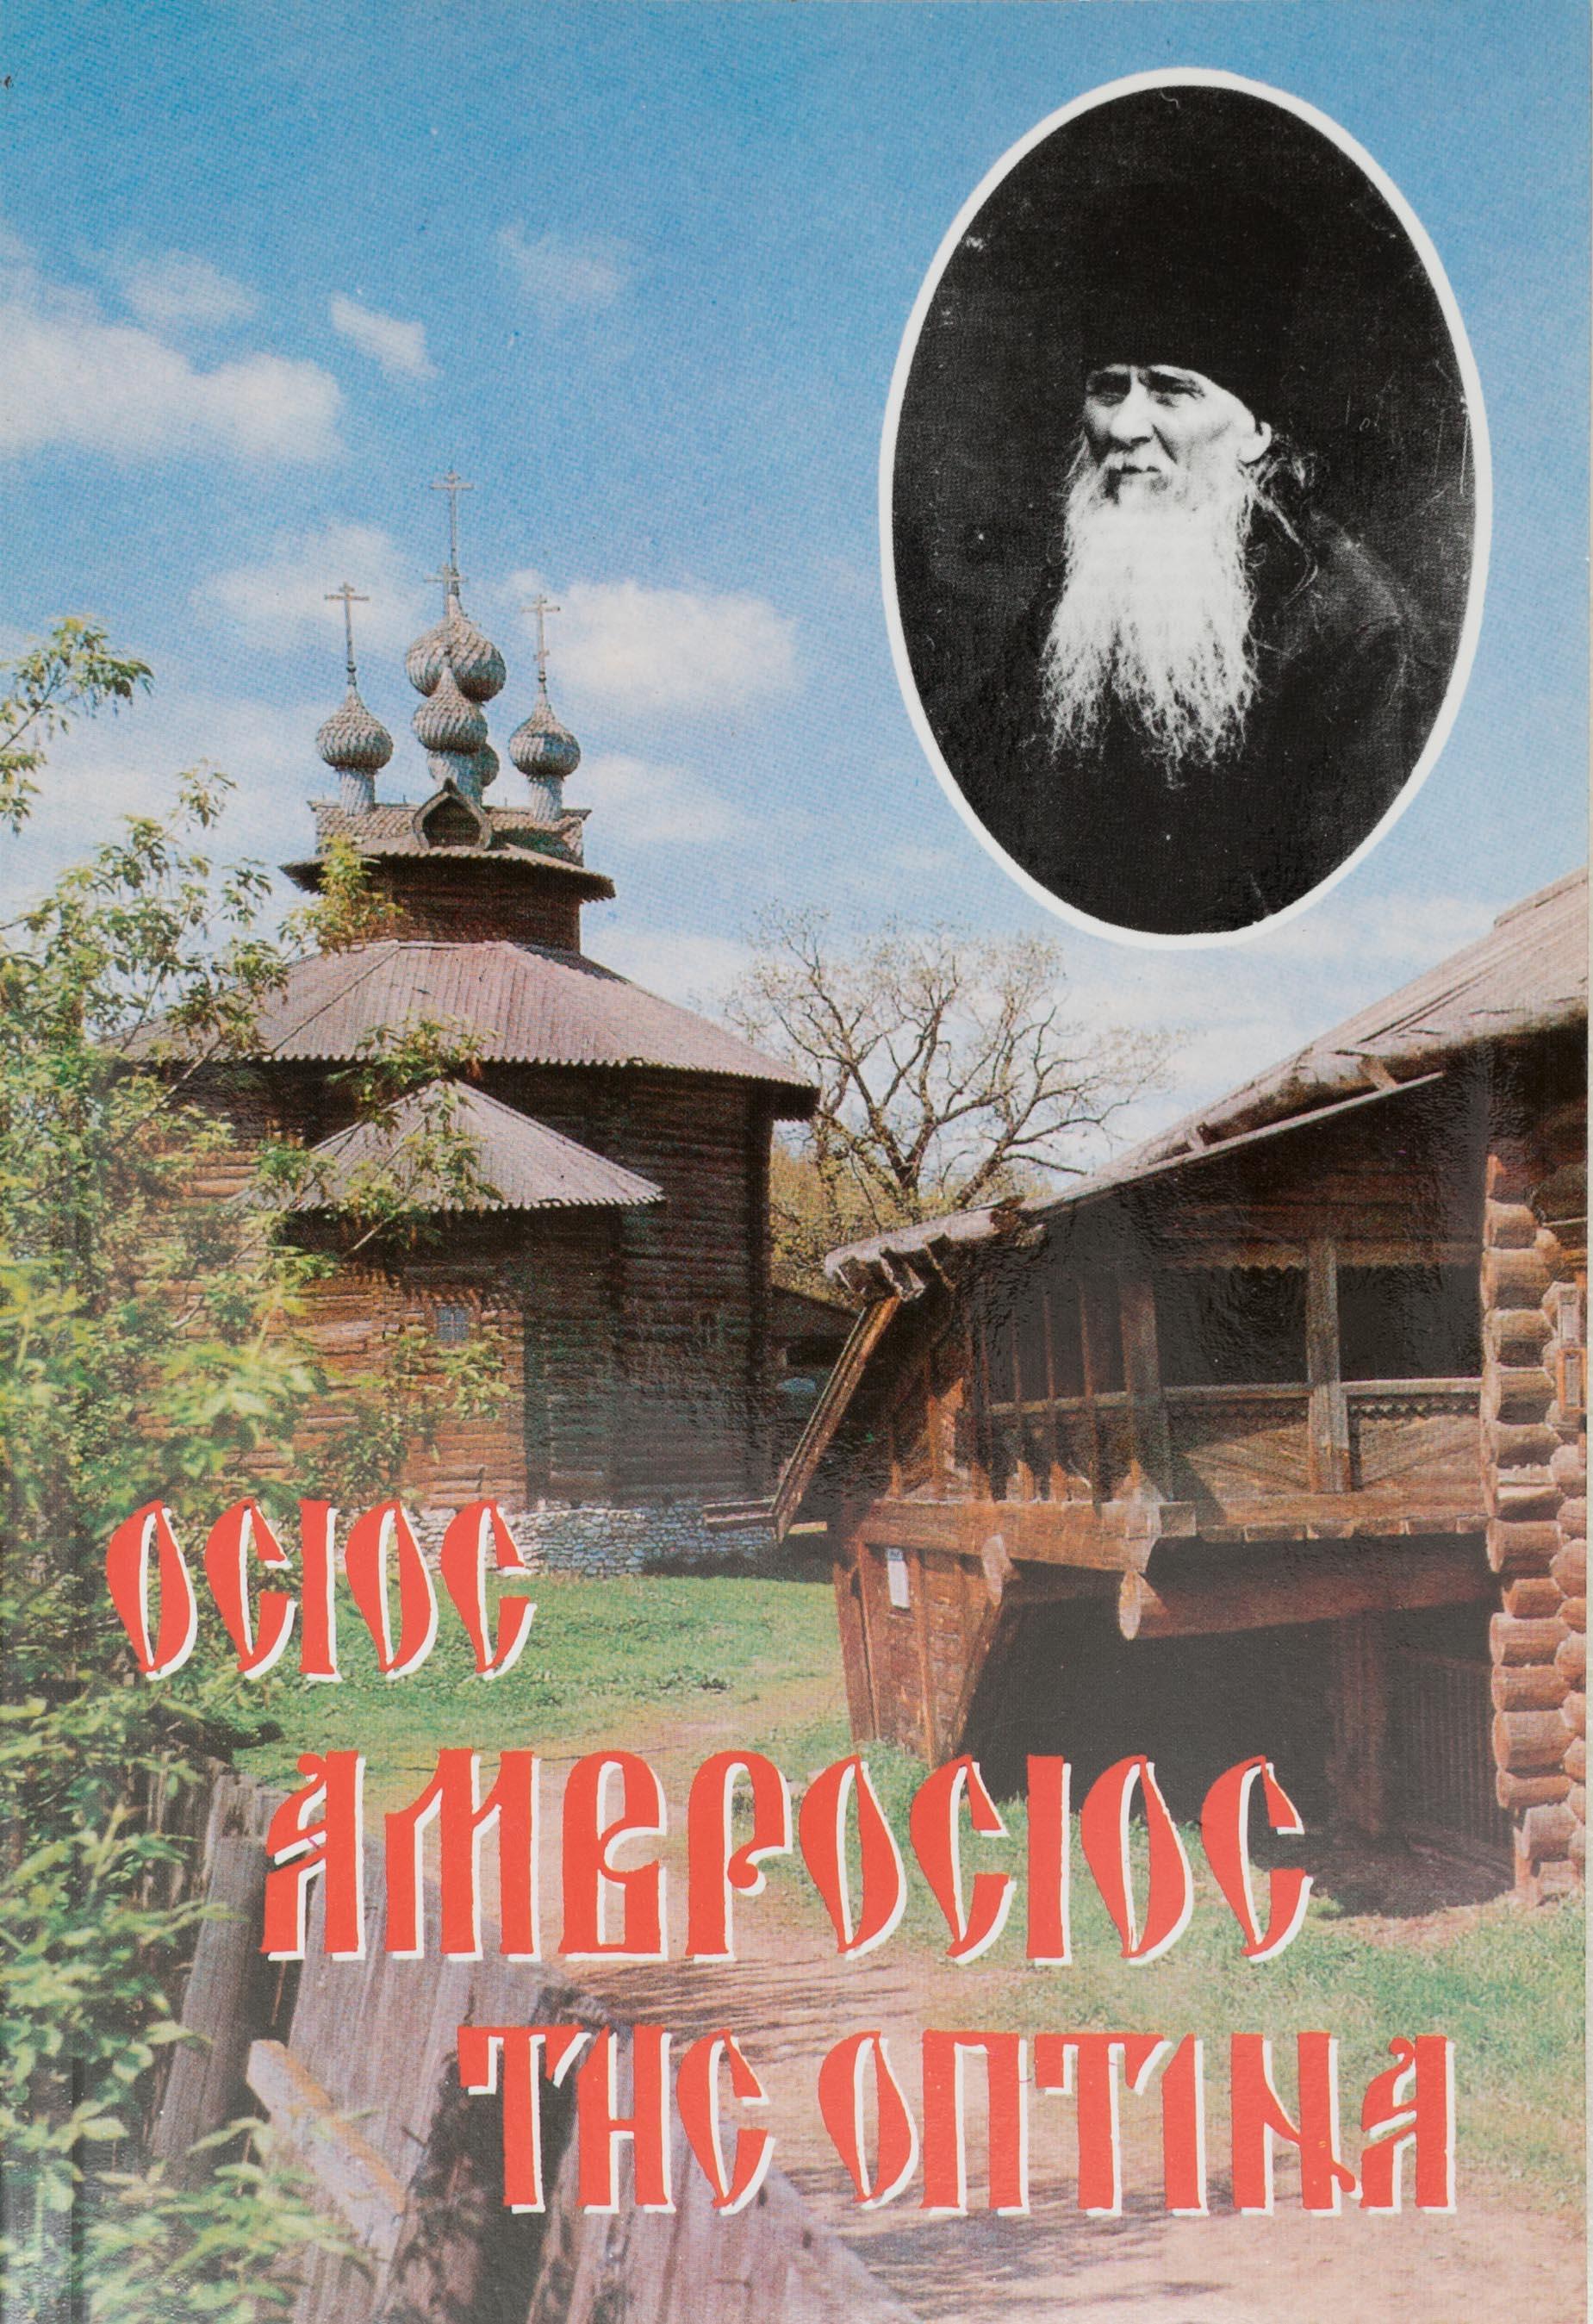 Οσίος Αμβρόσιος της Οπτινα – St Ambrose of Optina